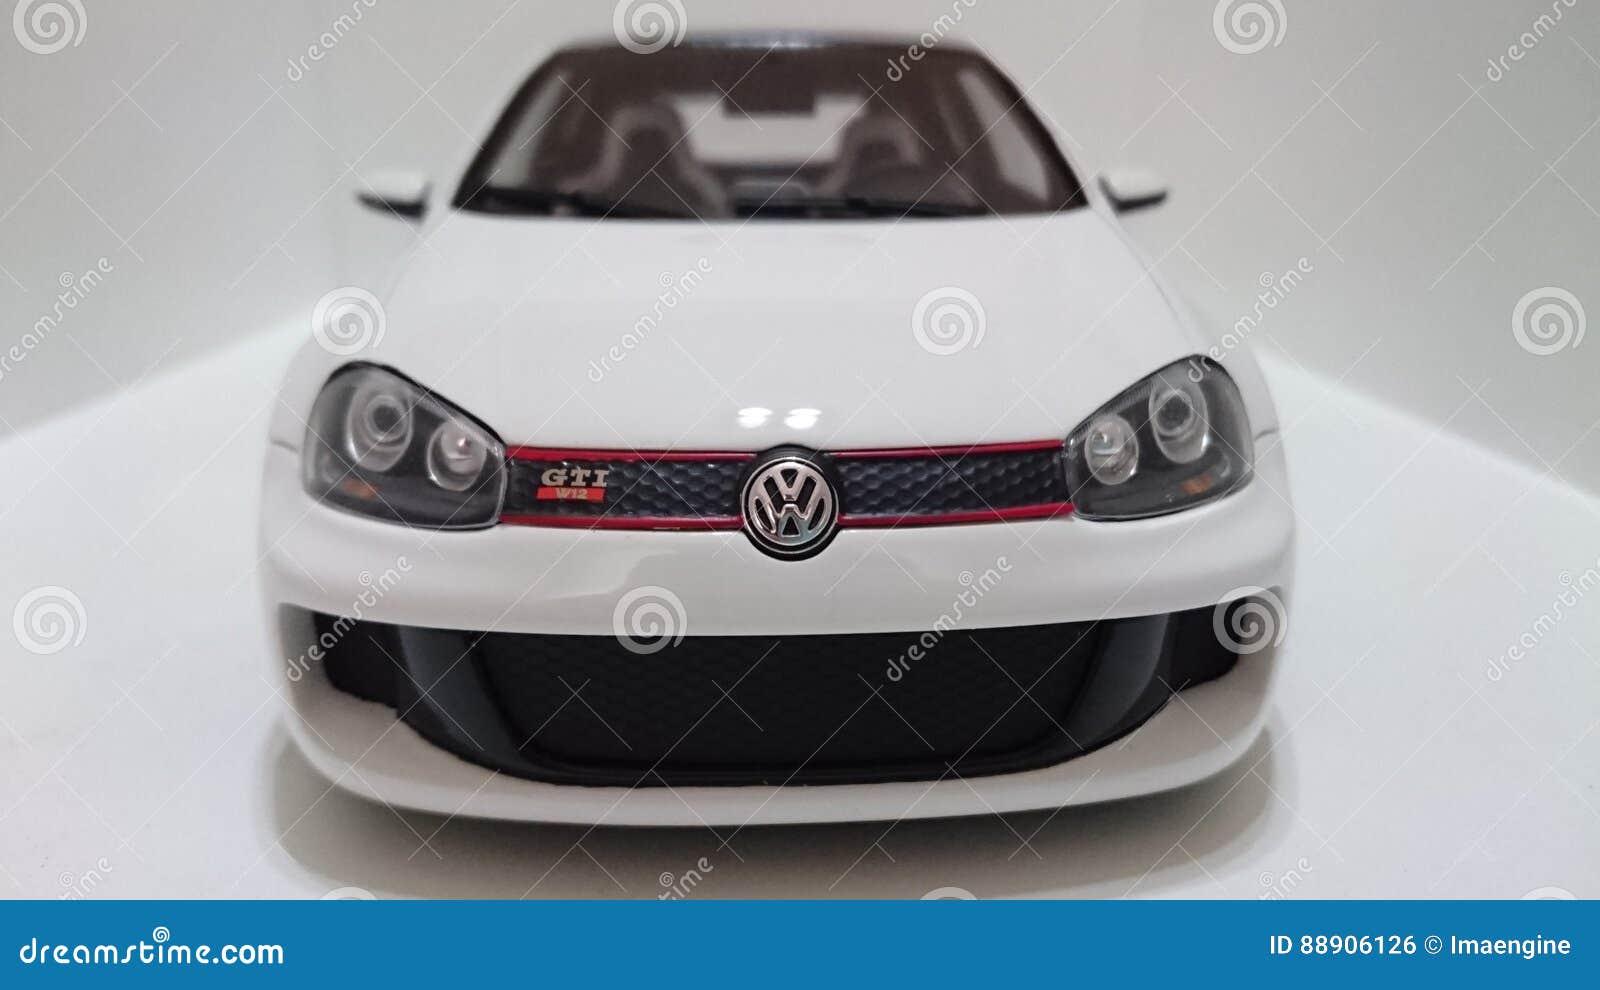 Vw Golf GTI W12 650 Hp prototype